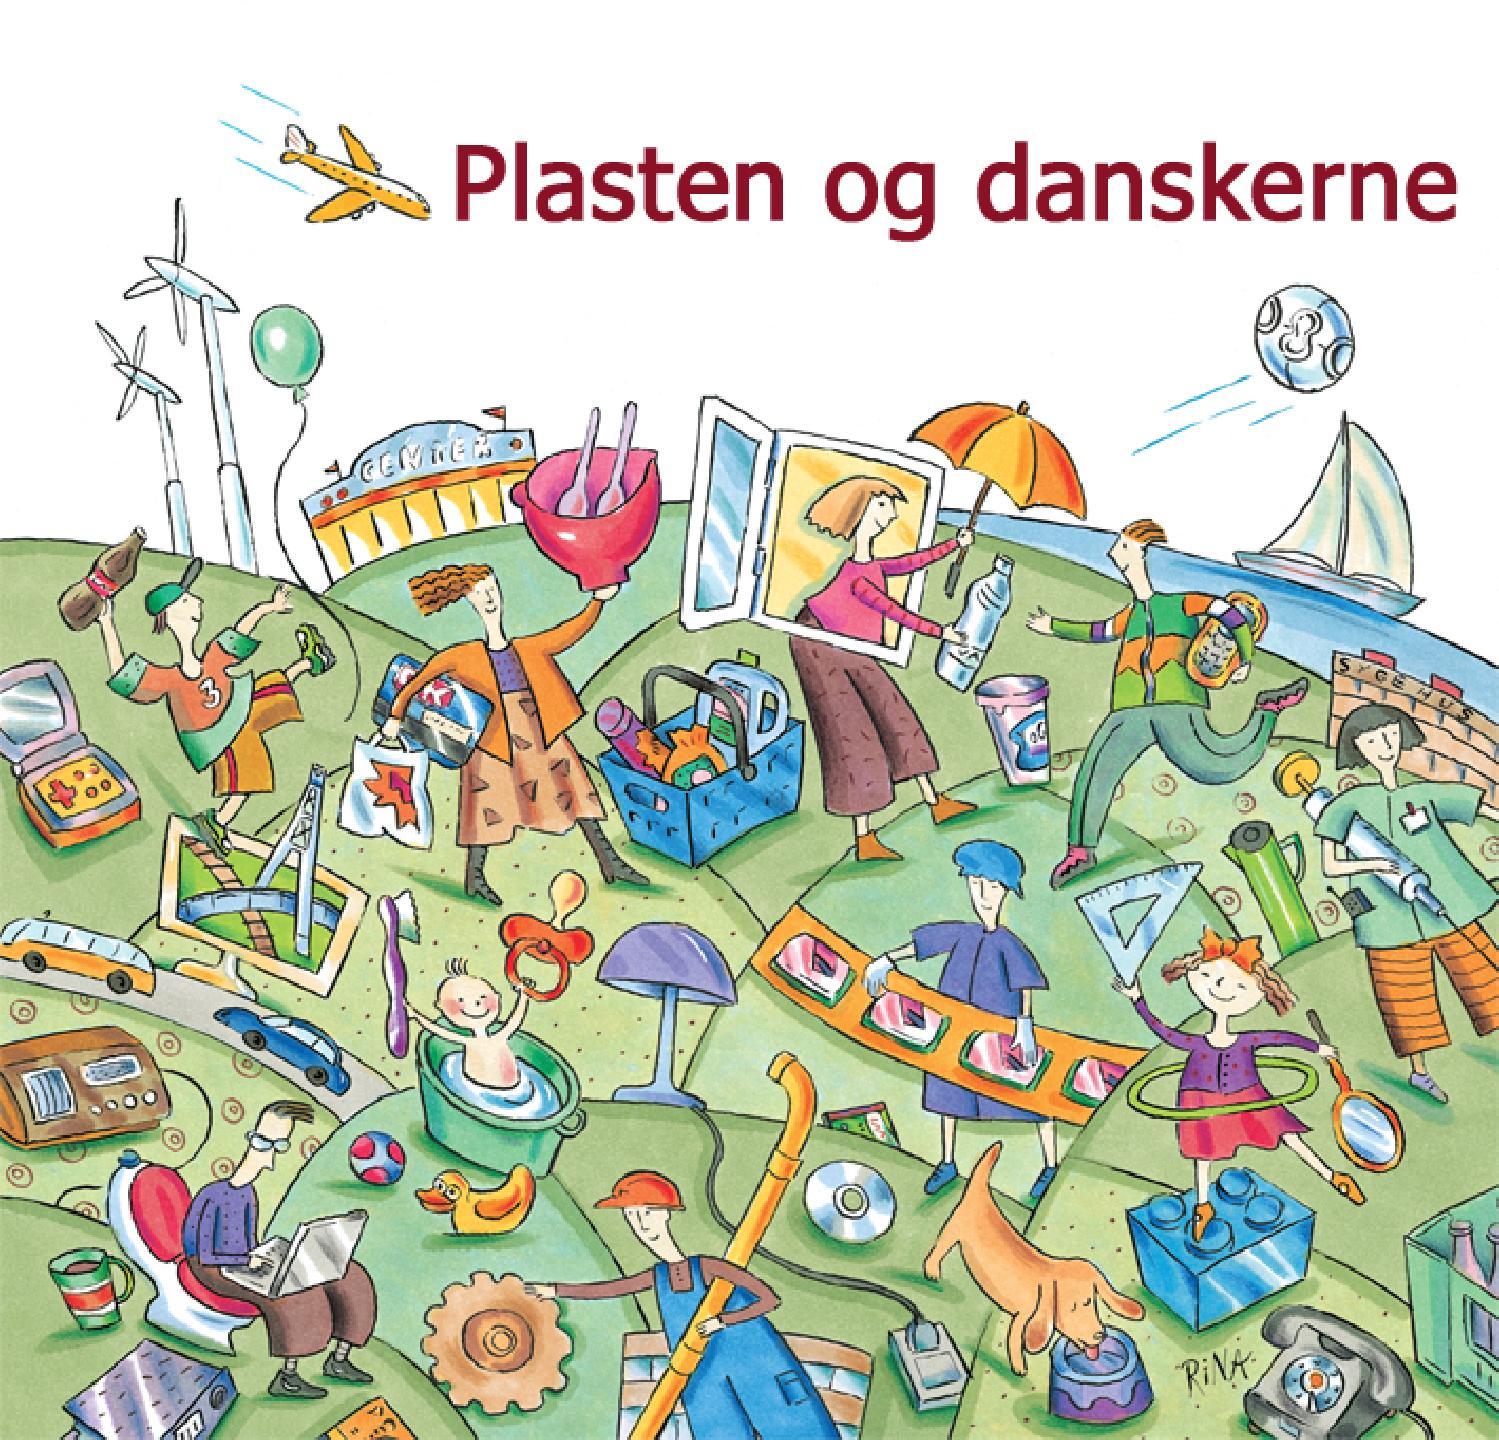 1e8900131460 Plasten og danskerne by Plastindustrien - issuu